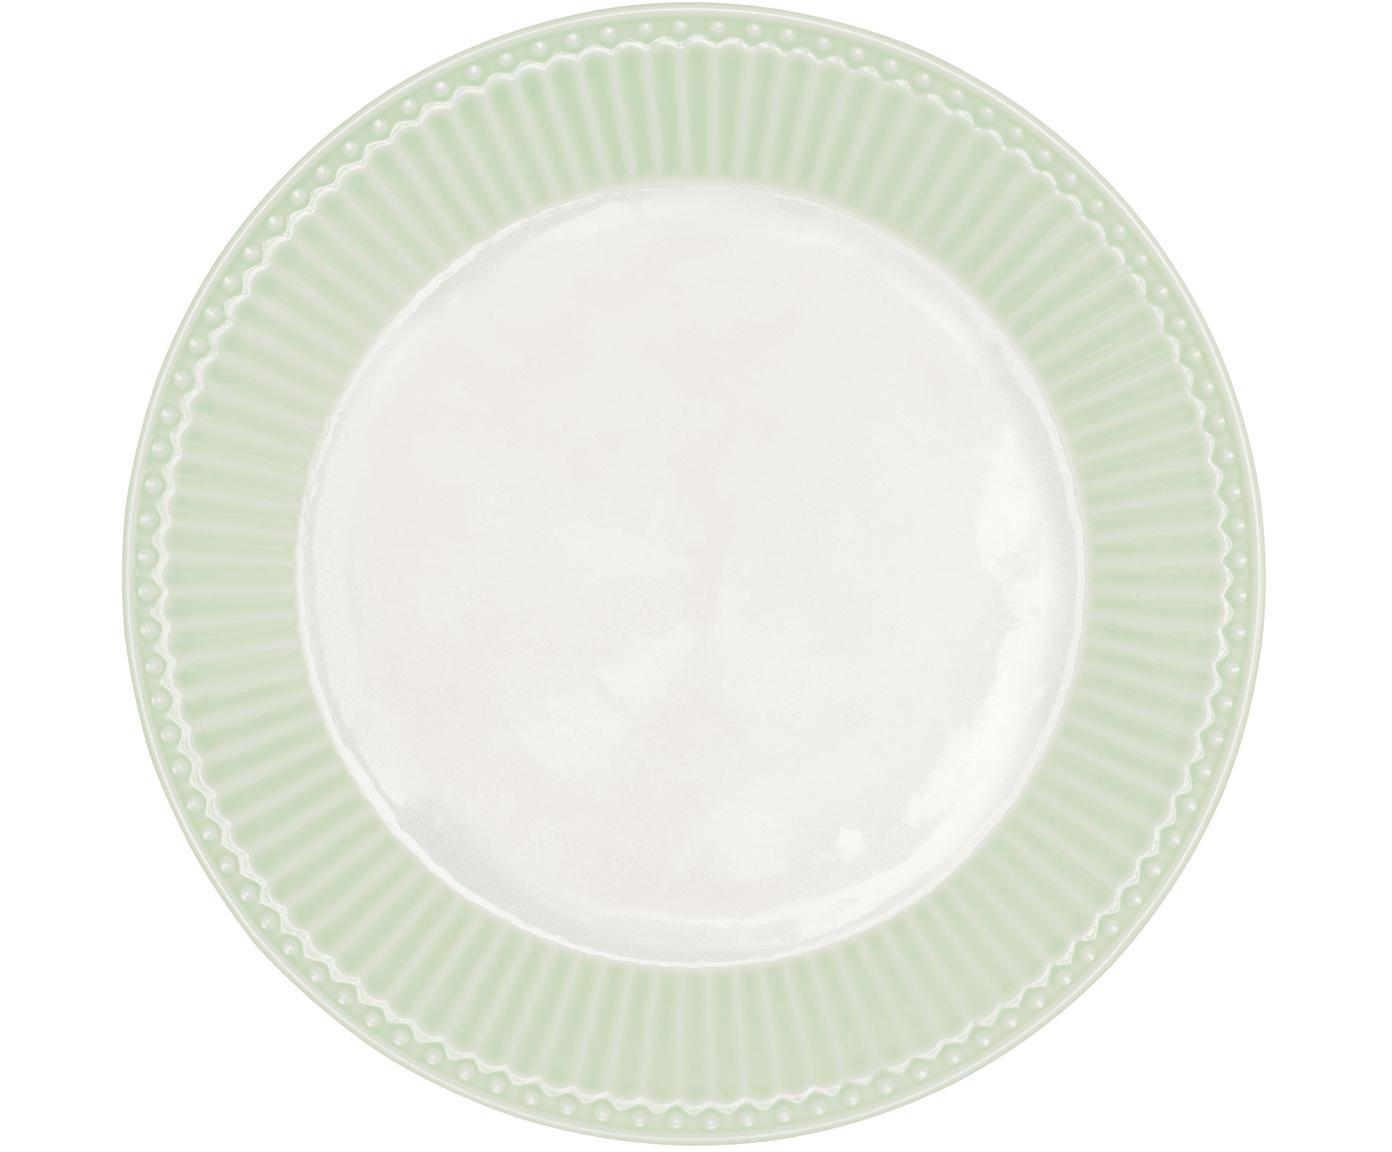 Handgefertigte Frühstücksteller Alice in Pastellgrün mit Reliefdesign, 2 Stück, Steingut, Mintgrün, Weiß, Ø 23 cm